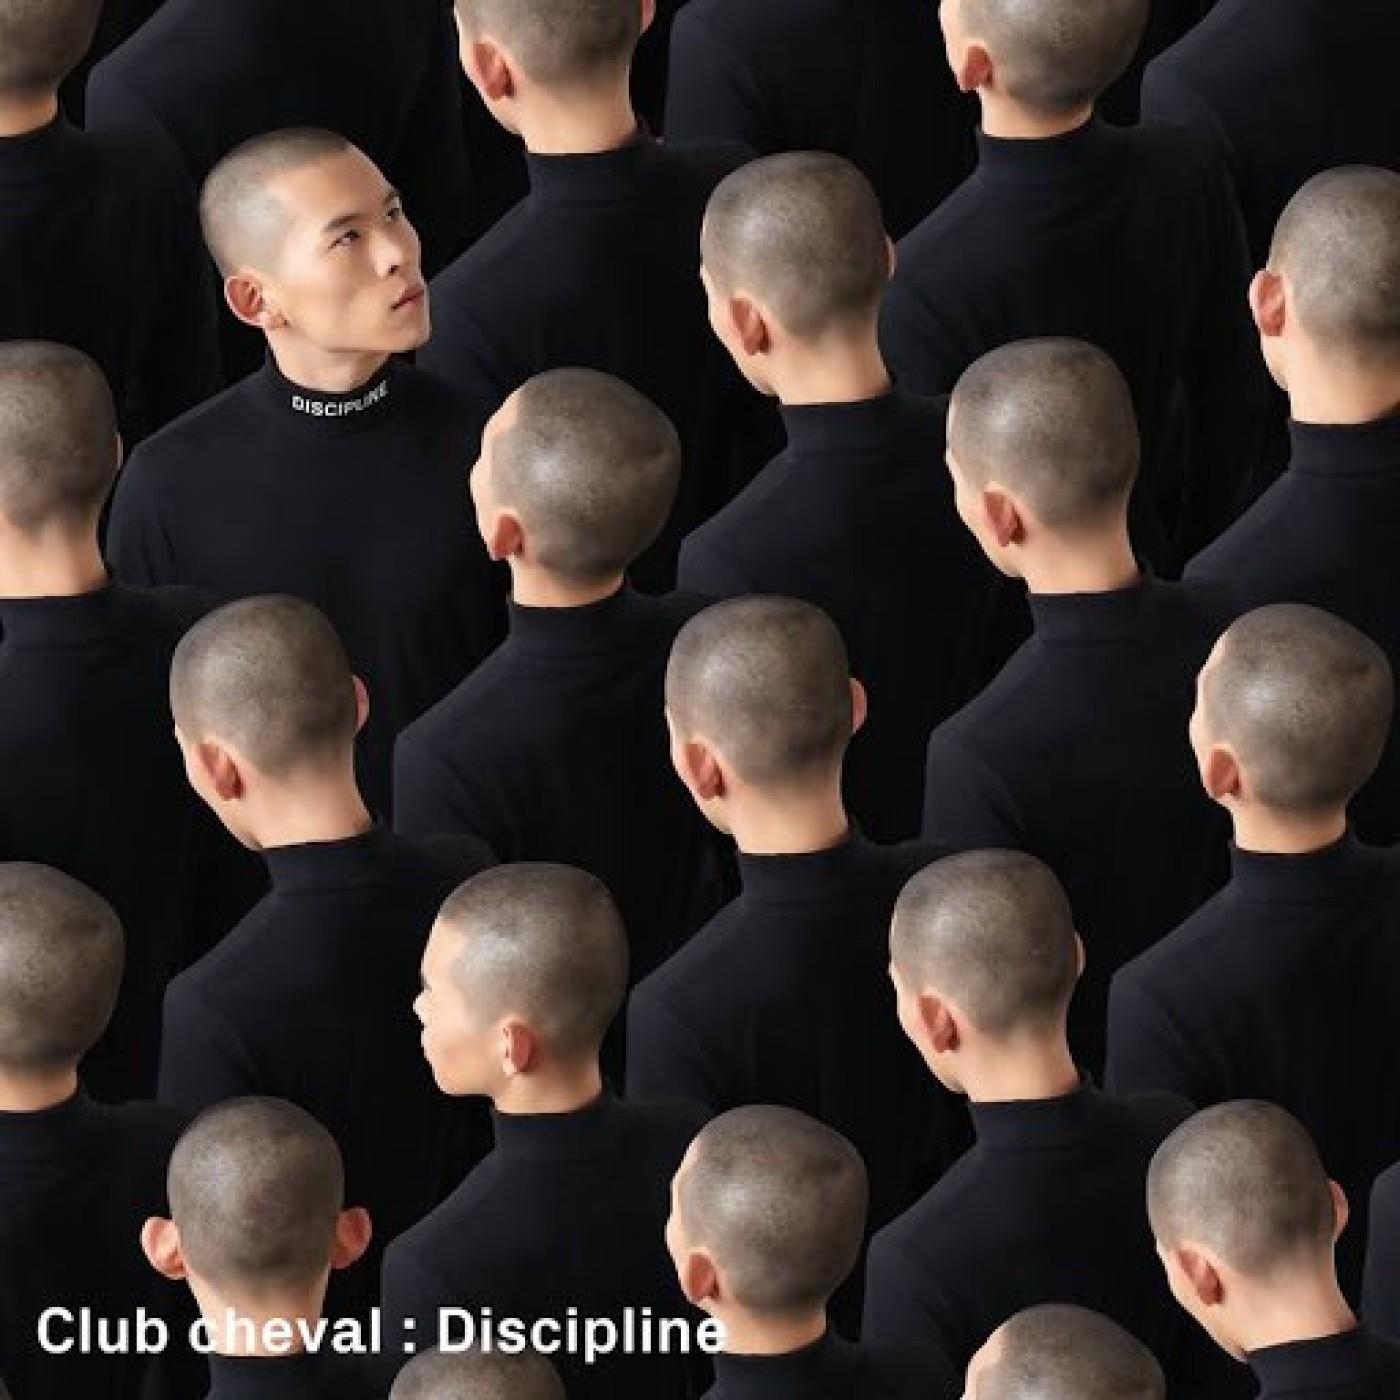 La music story du jour : Club Cheval